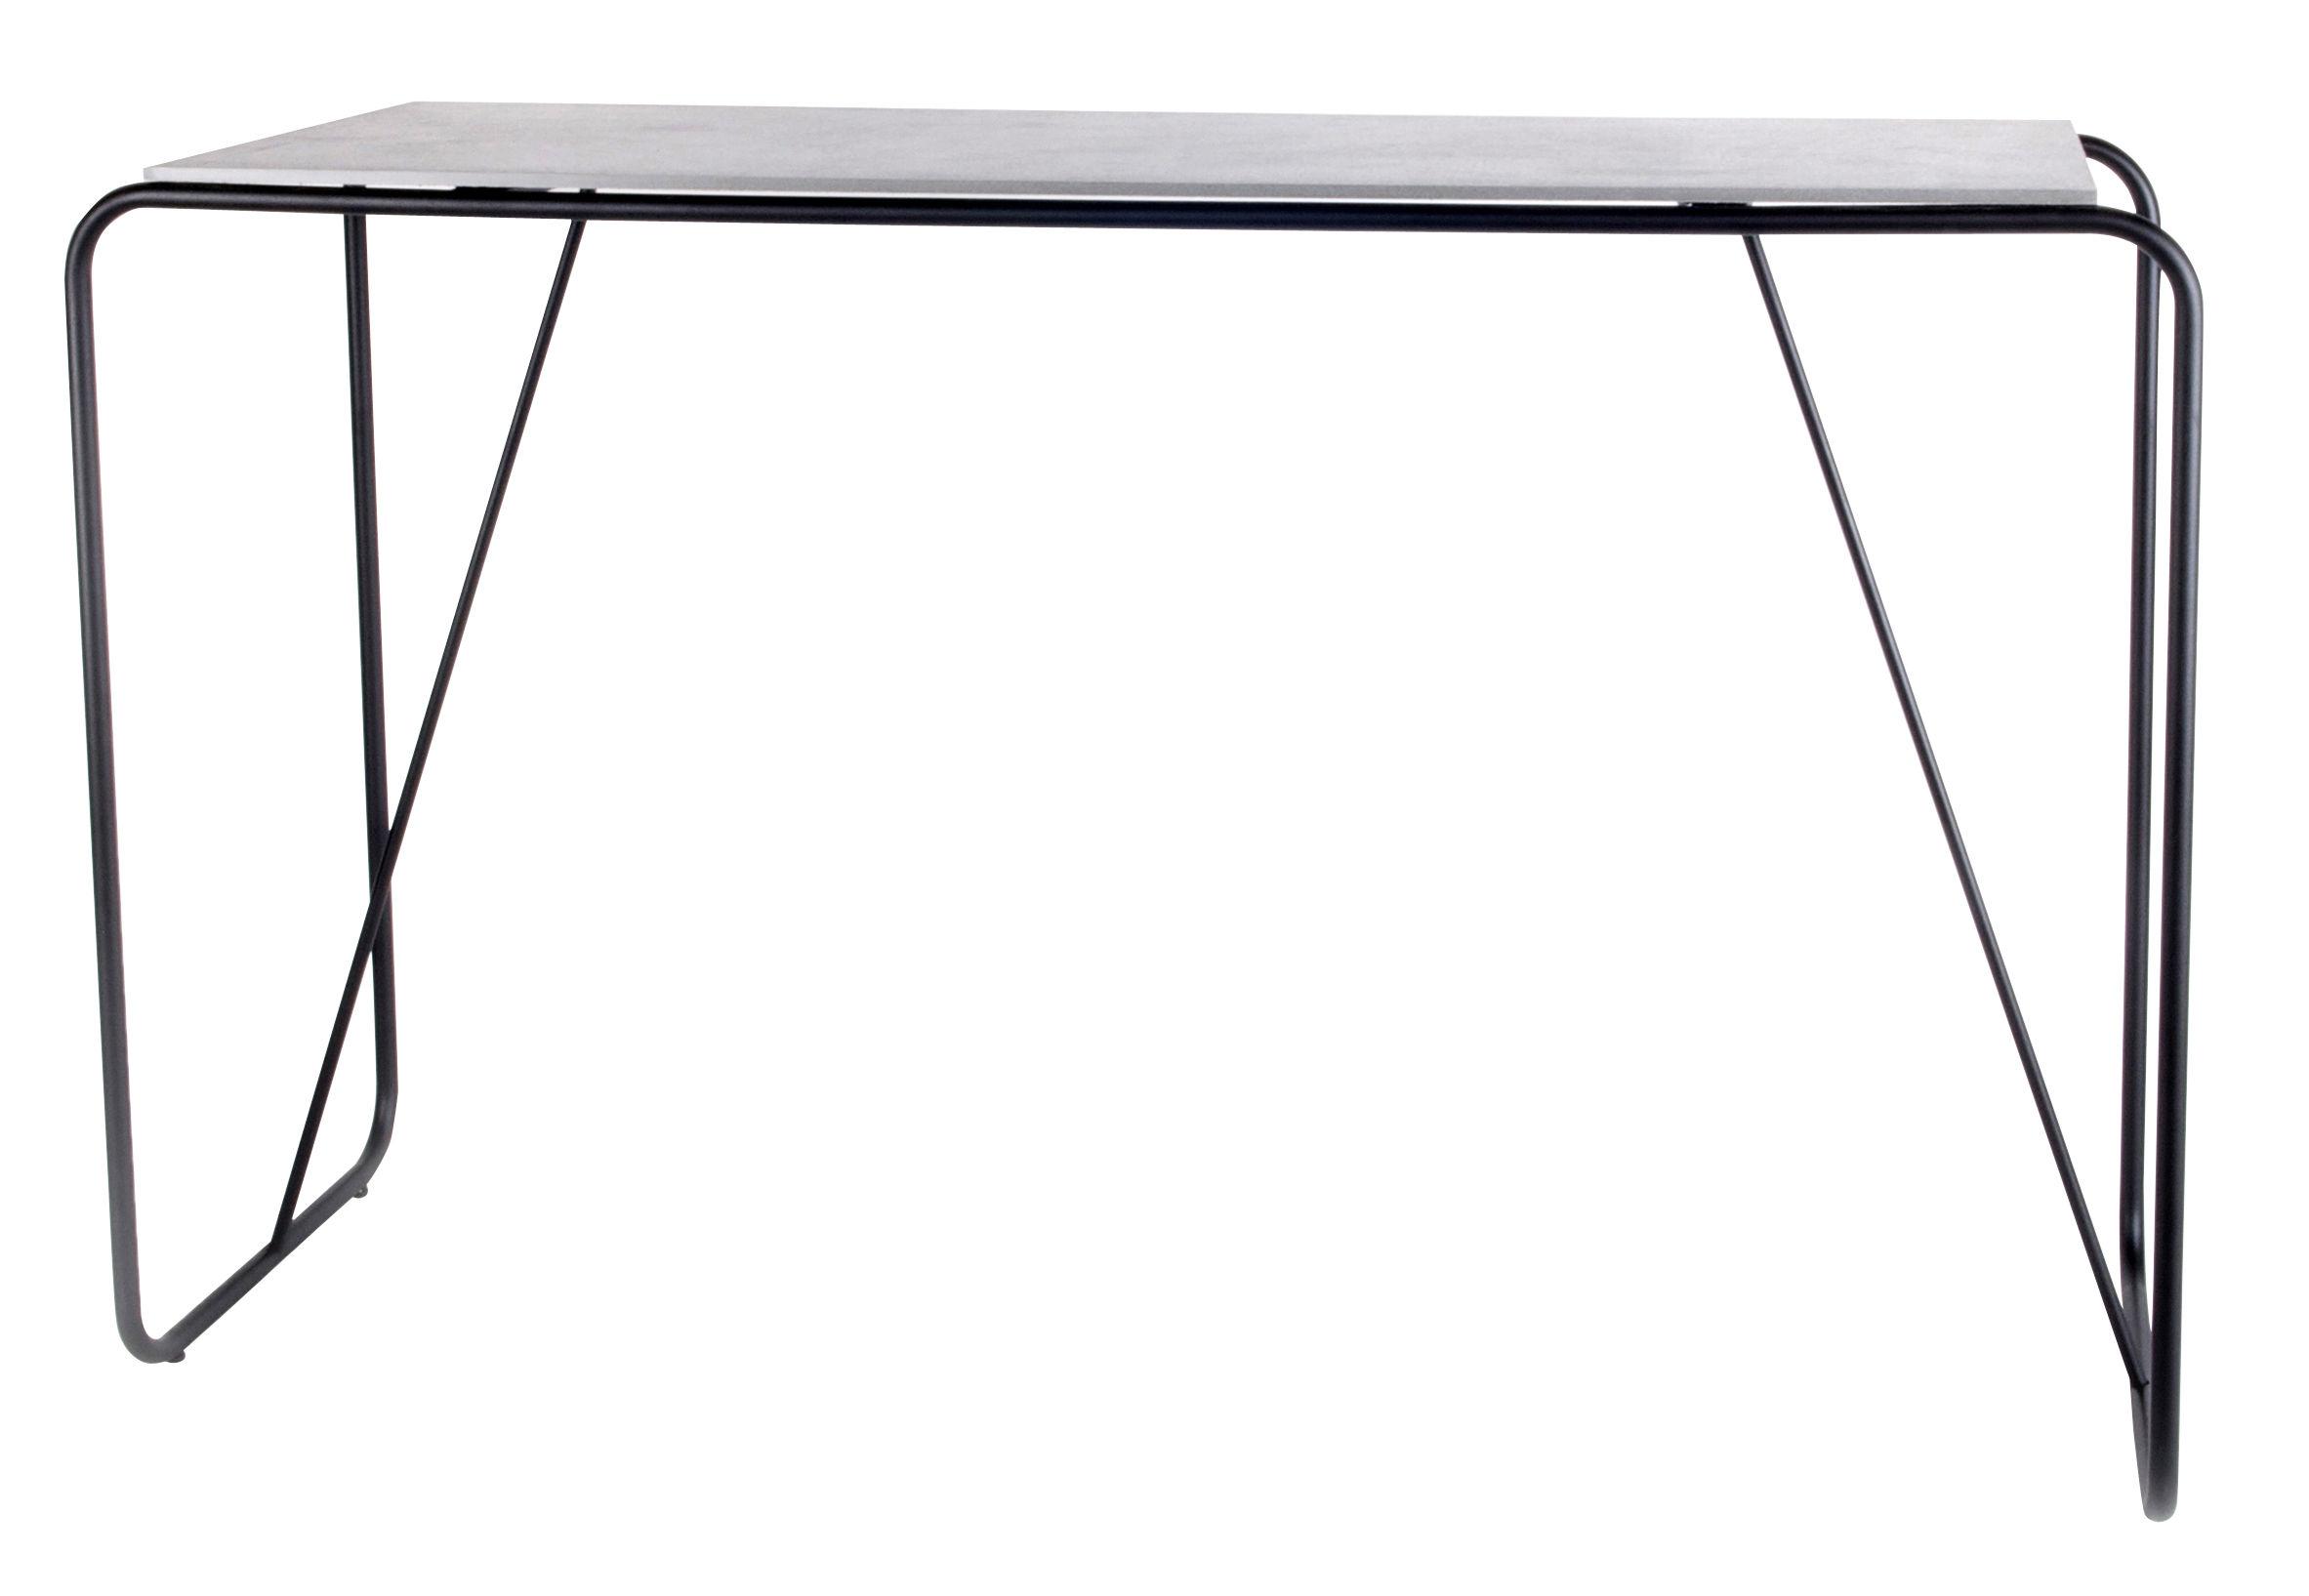 Furniture - Office Furniture - Yoso Desk - Cement / L 120 x H 76 cm by XL Boom - Grey ciment / Black -  Fibre-ciment, Epoxy lacquered steel